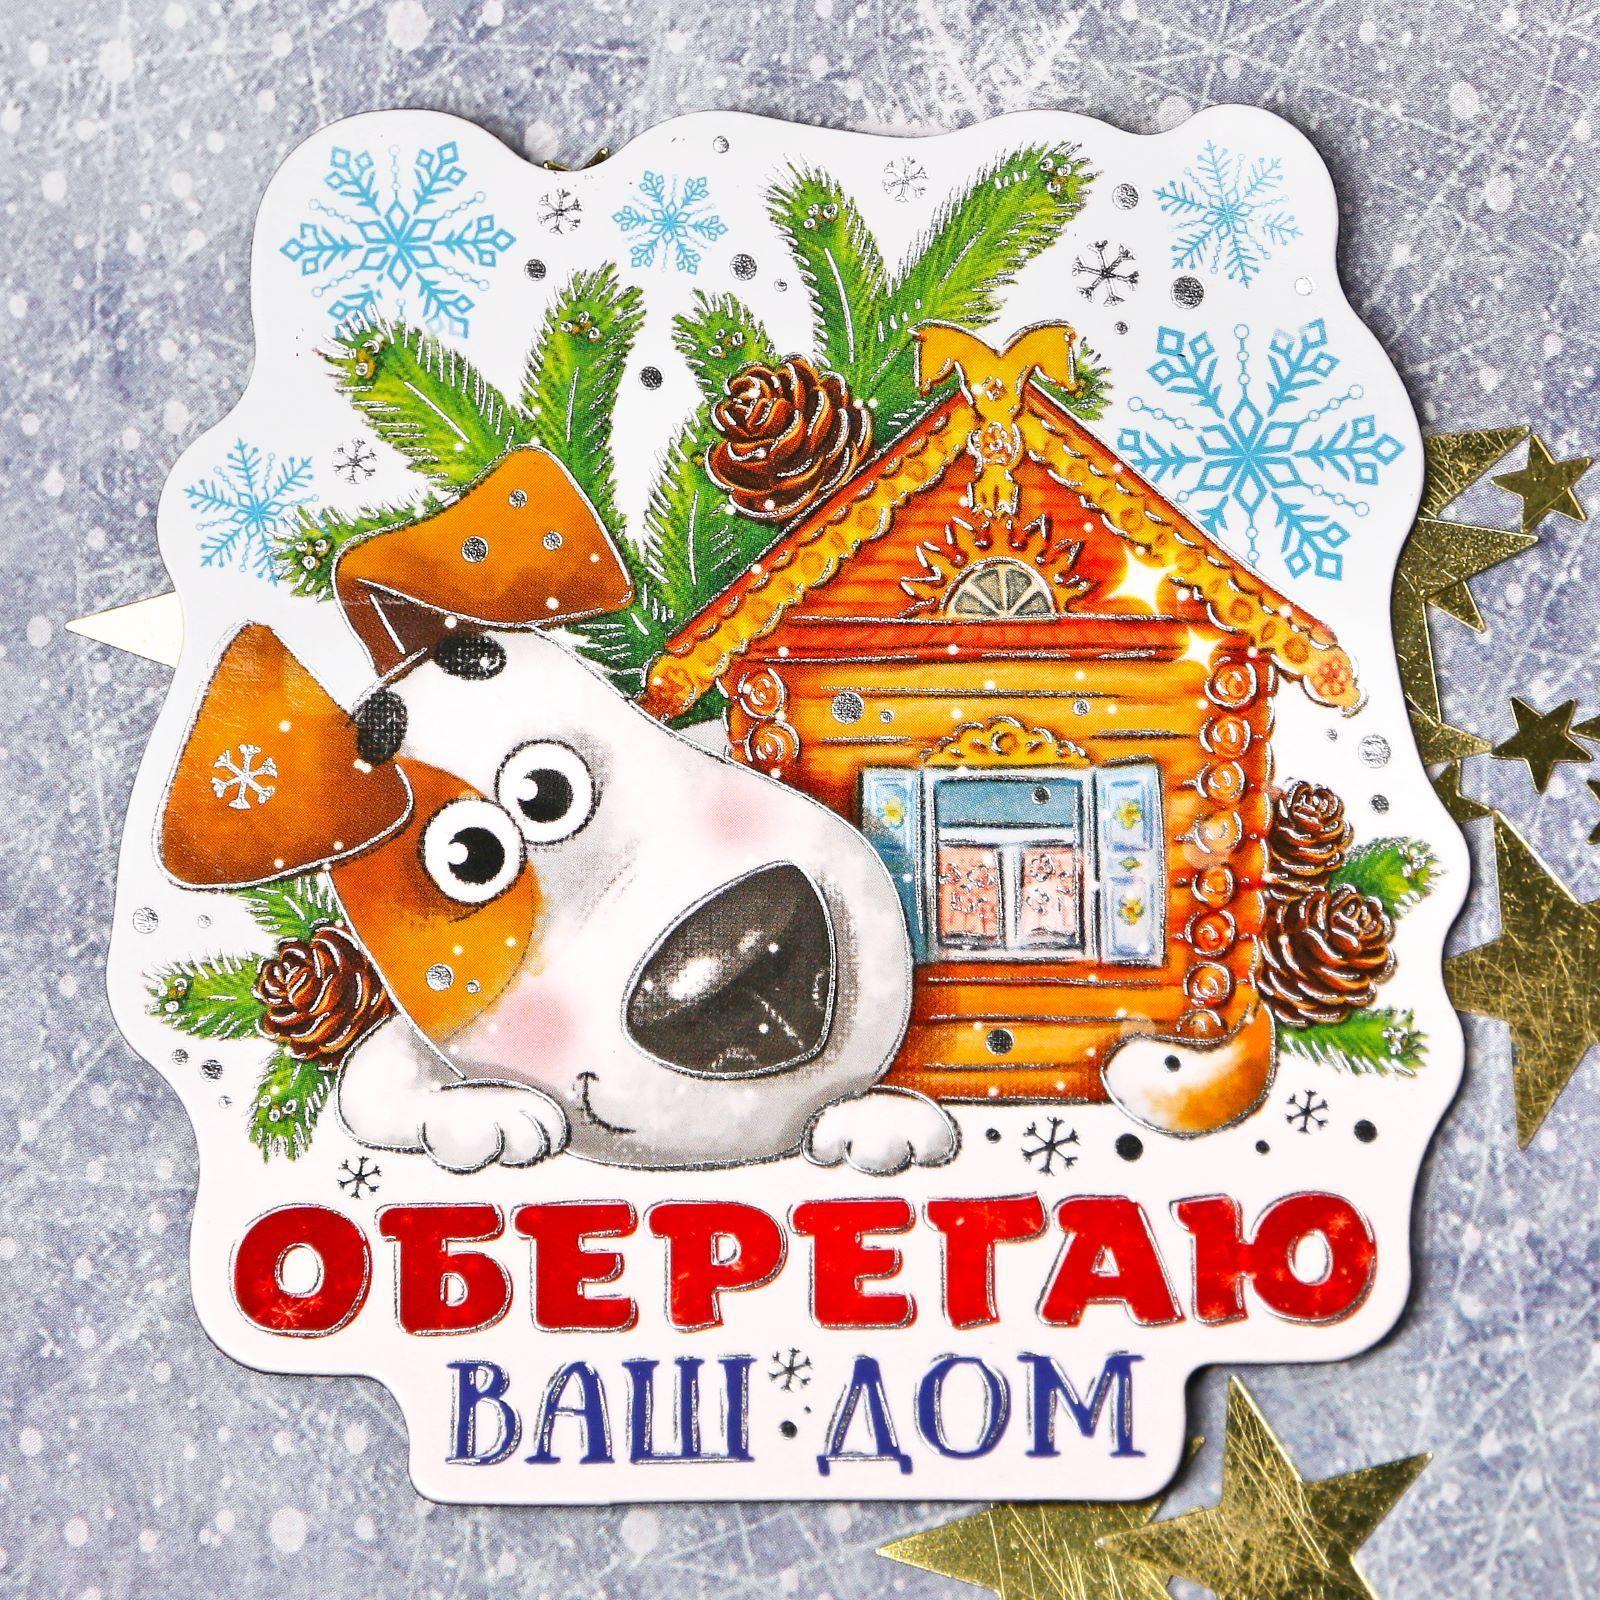 Магнит Sima-land Оберегаю ваш дом, 7,6 х 7,9 см1894051Порадуйте родных и близких оригинальным сувениром: преподнесите в подарок магнит. С ним даже самый серьёзный человек почувствует себя ребёнком, ожидающим чудо! Создайте праздничное настроение, и оно останется с вами на весь год.